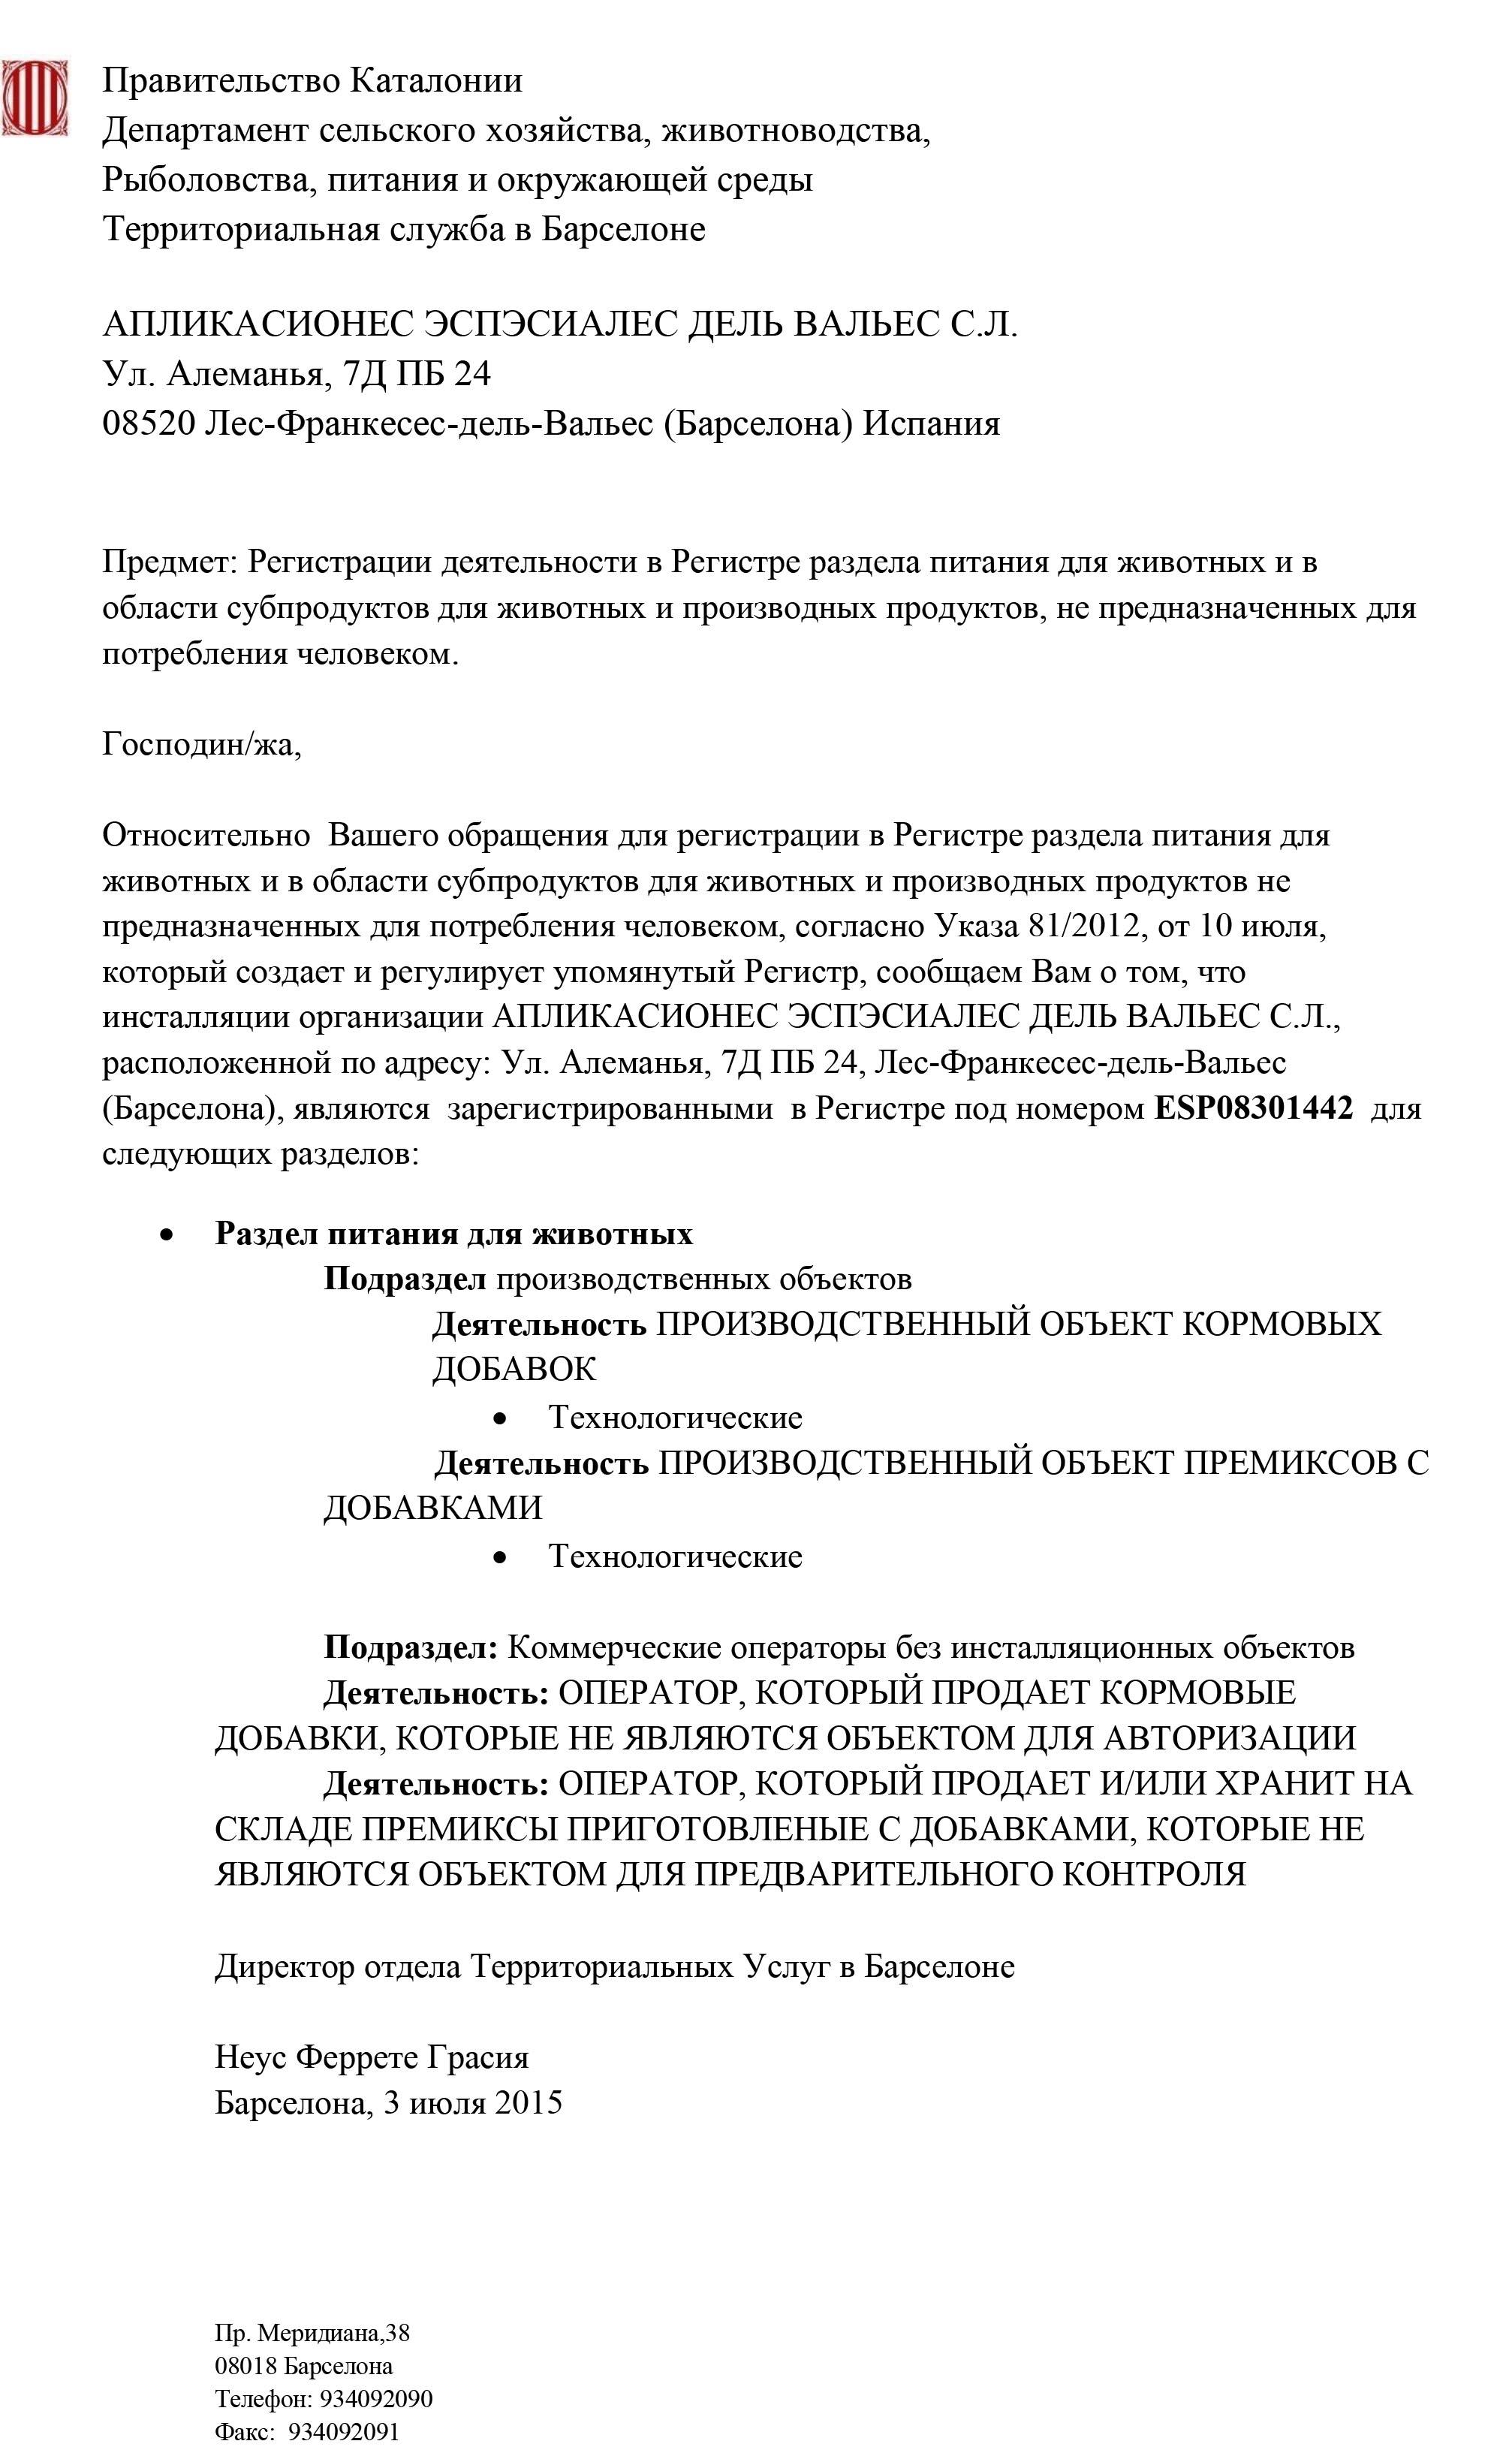 4Регистрационный номер производителя 03-07-2015